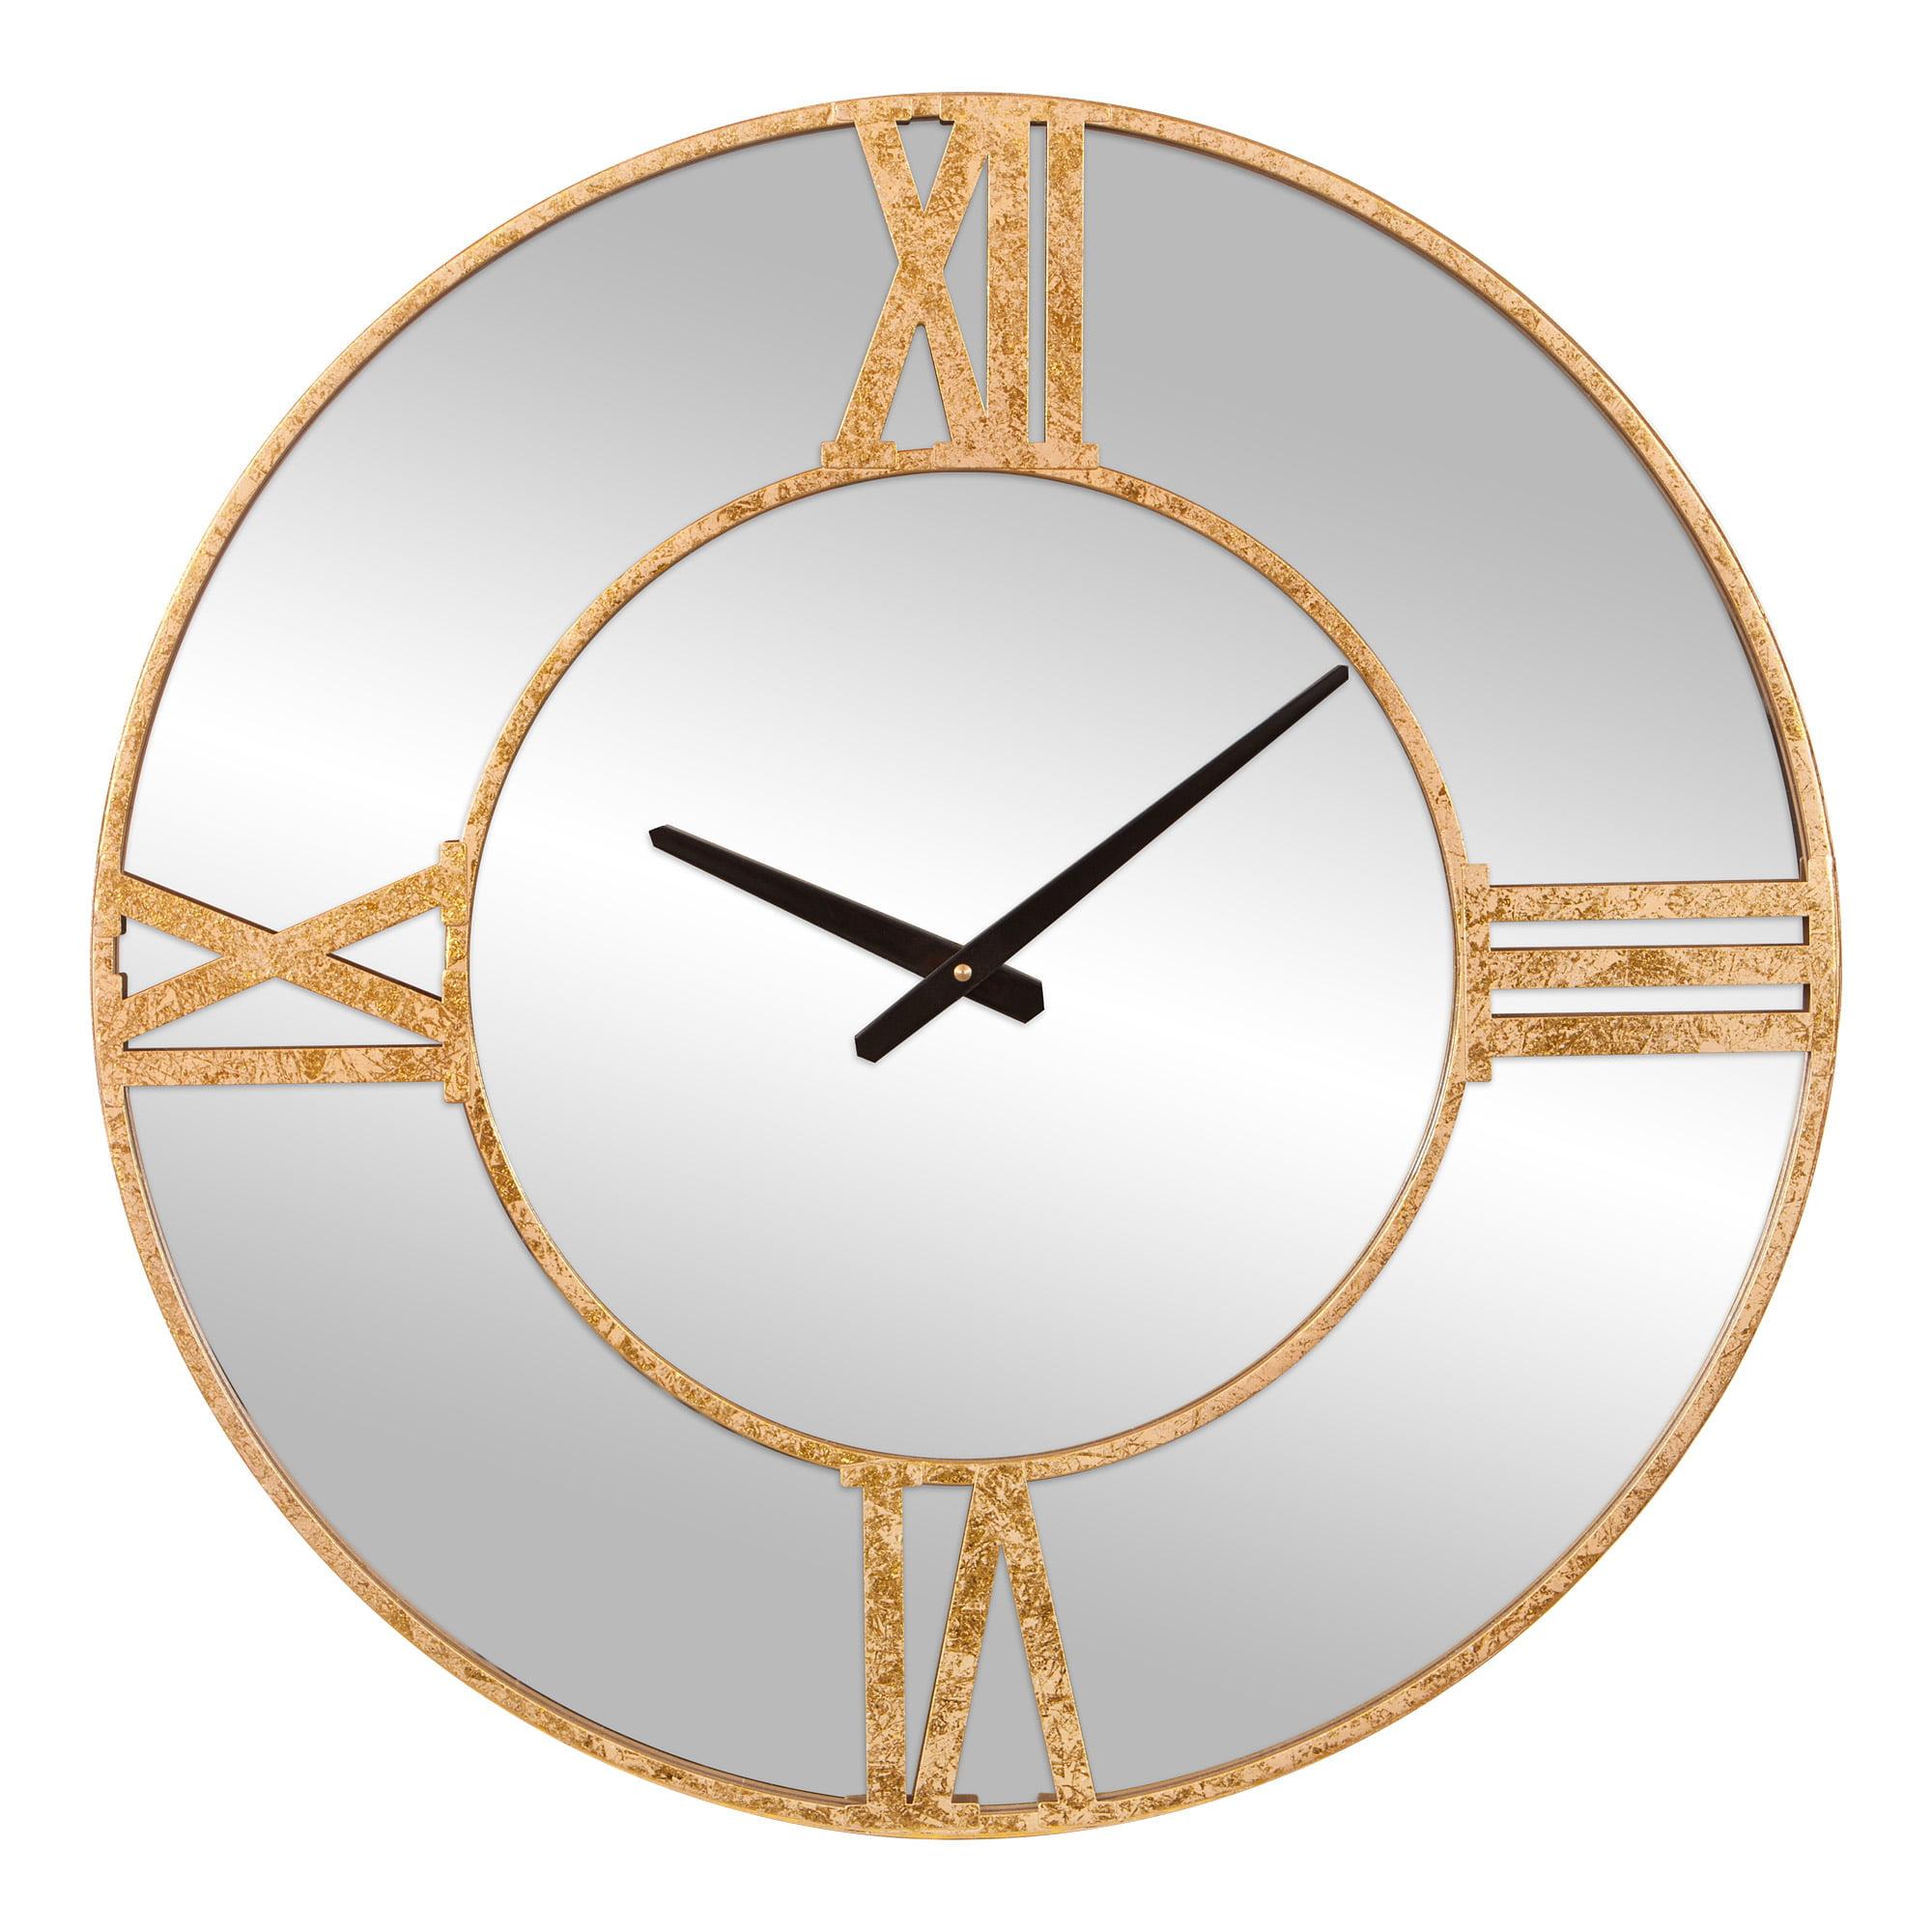 24 Inch Minimalist Gold Mirrored Roman Numeral Wall Clock